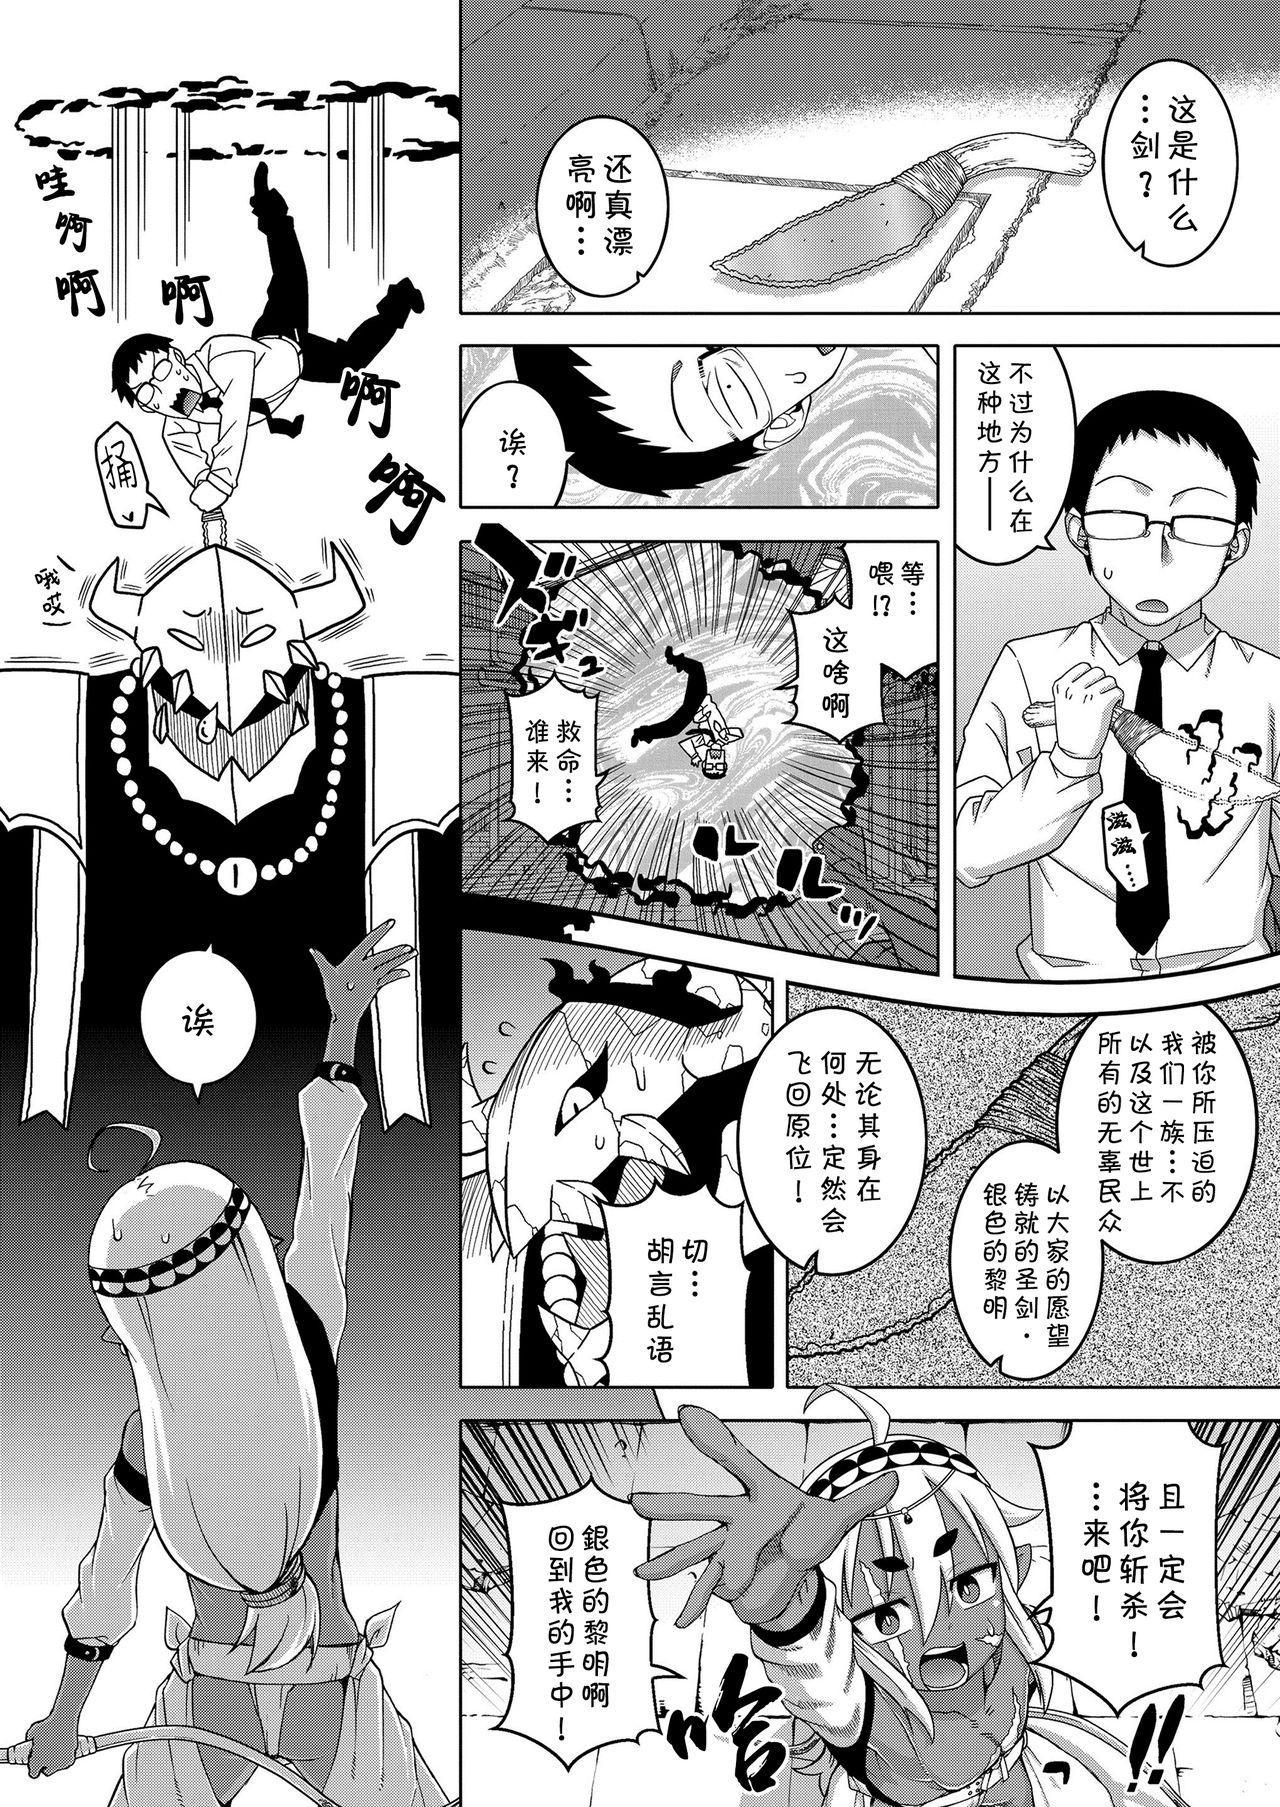 [Takatsu] Isekai de Elf no Yuusha(♂) ga Yome ni Natte Kureru You desu !? Ch.1-2 [Chinese] [theoldestcat汉化] [Digital] 1